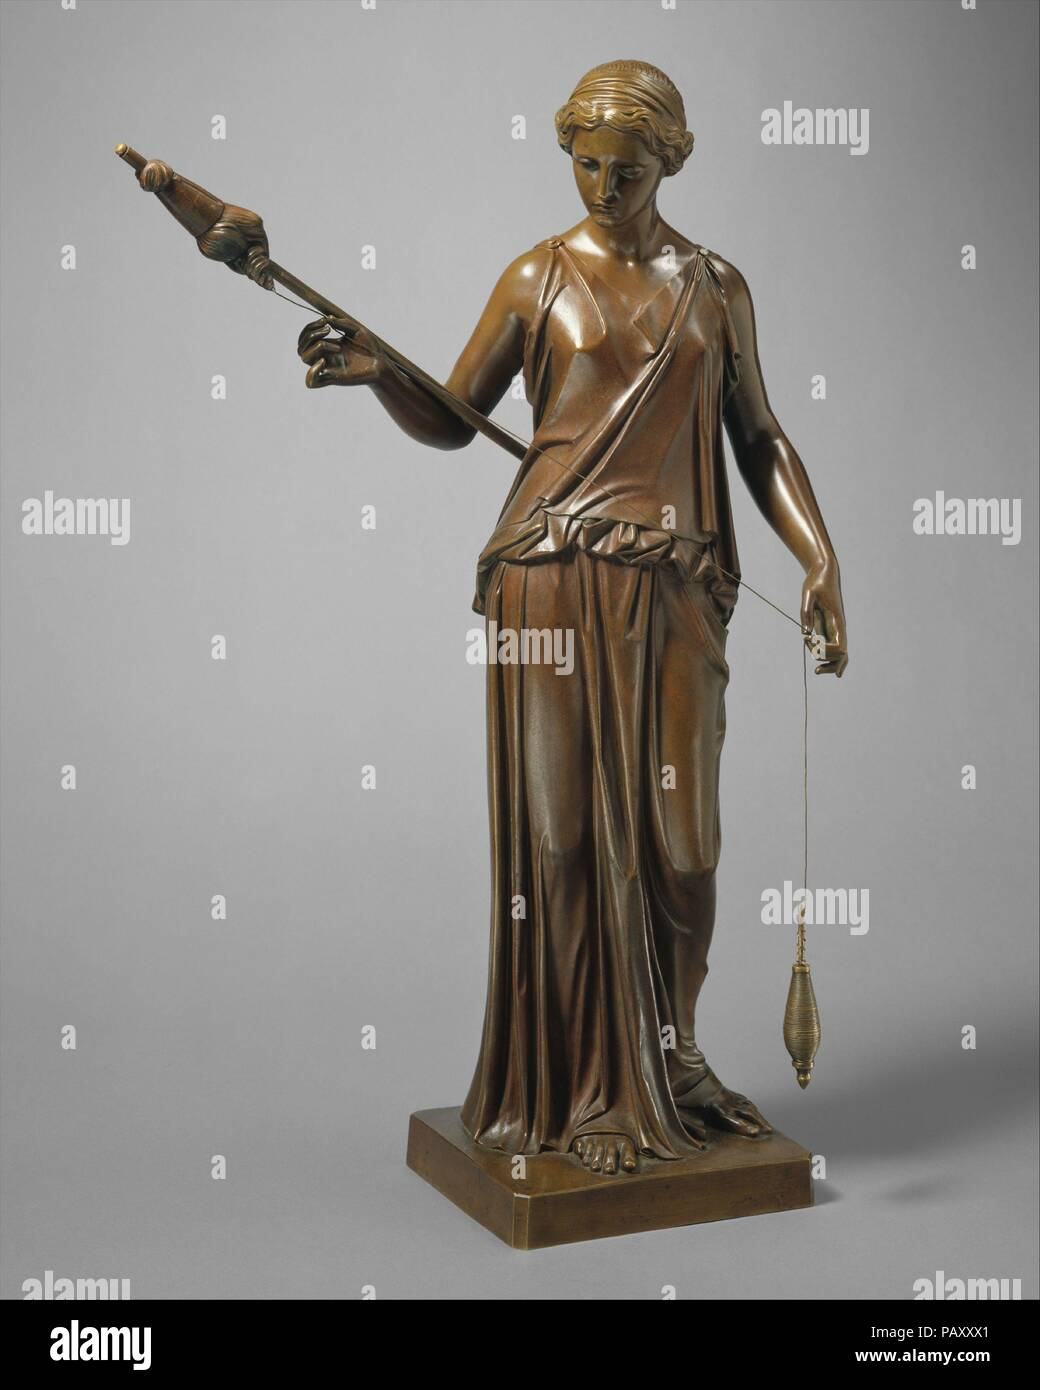 dating bronze sculptures